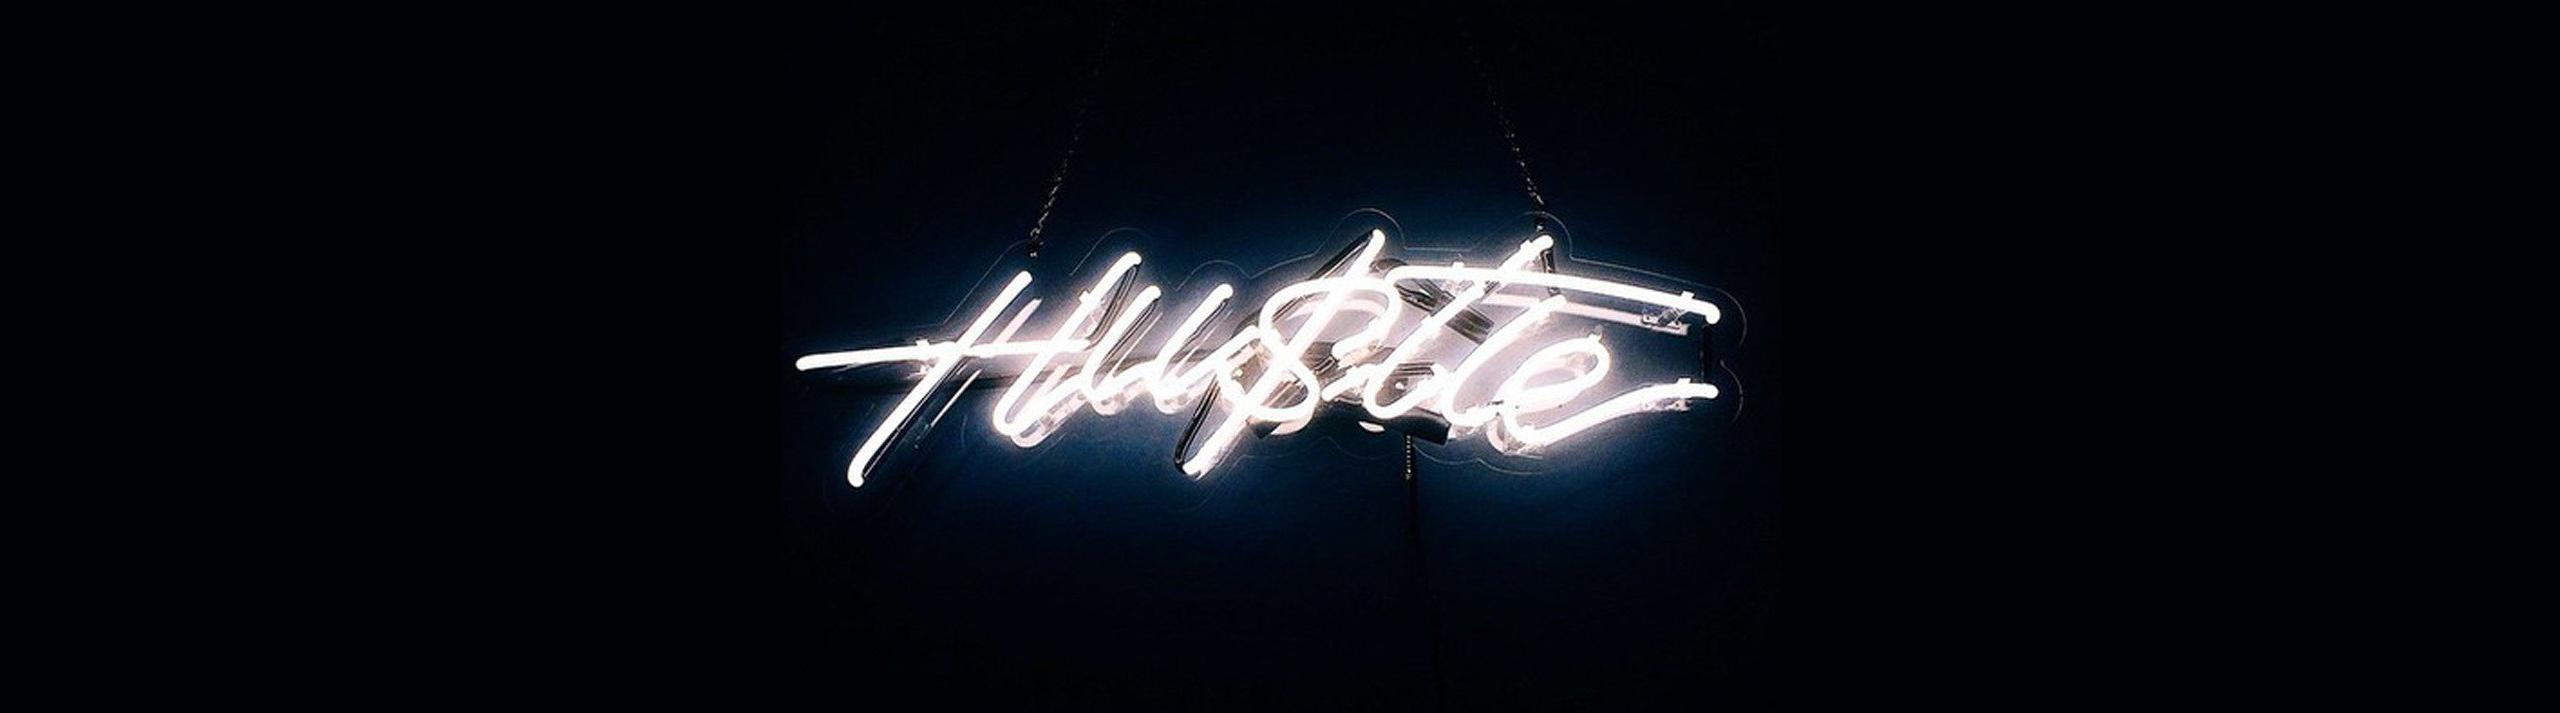 Hustleyoutube